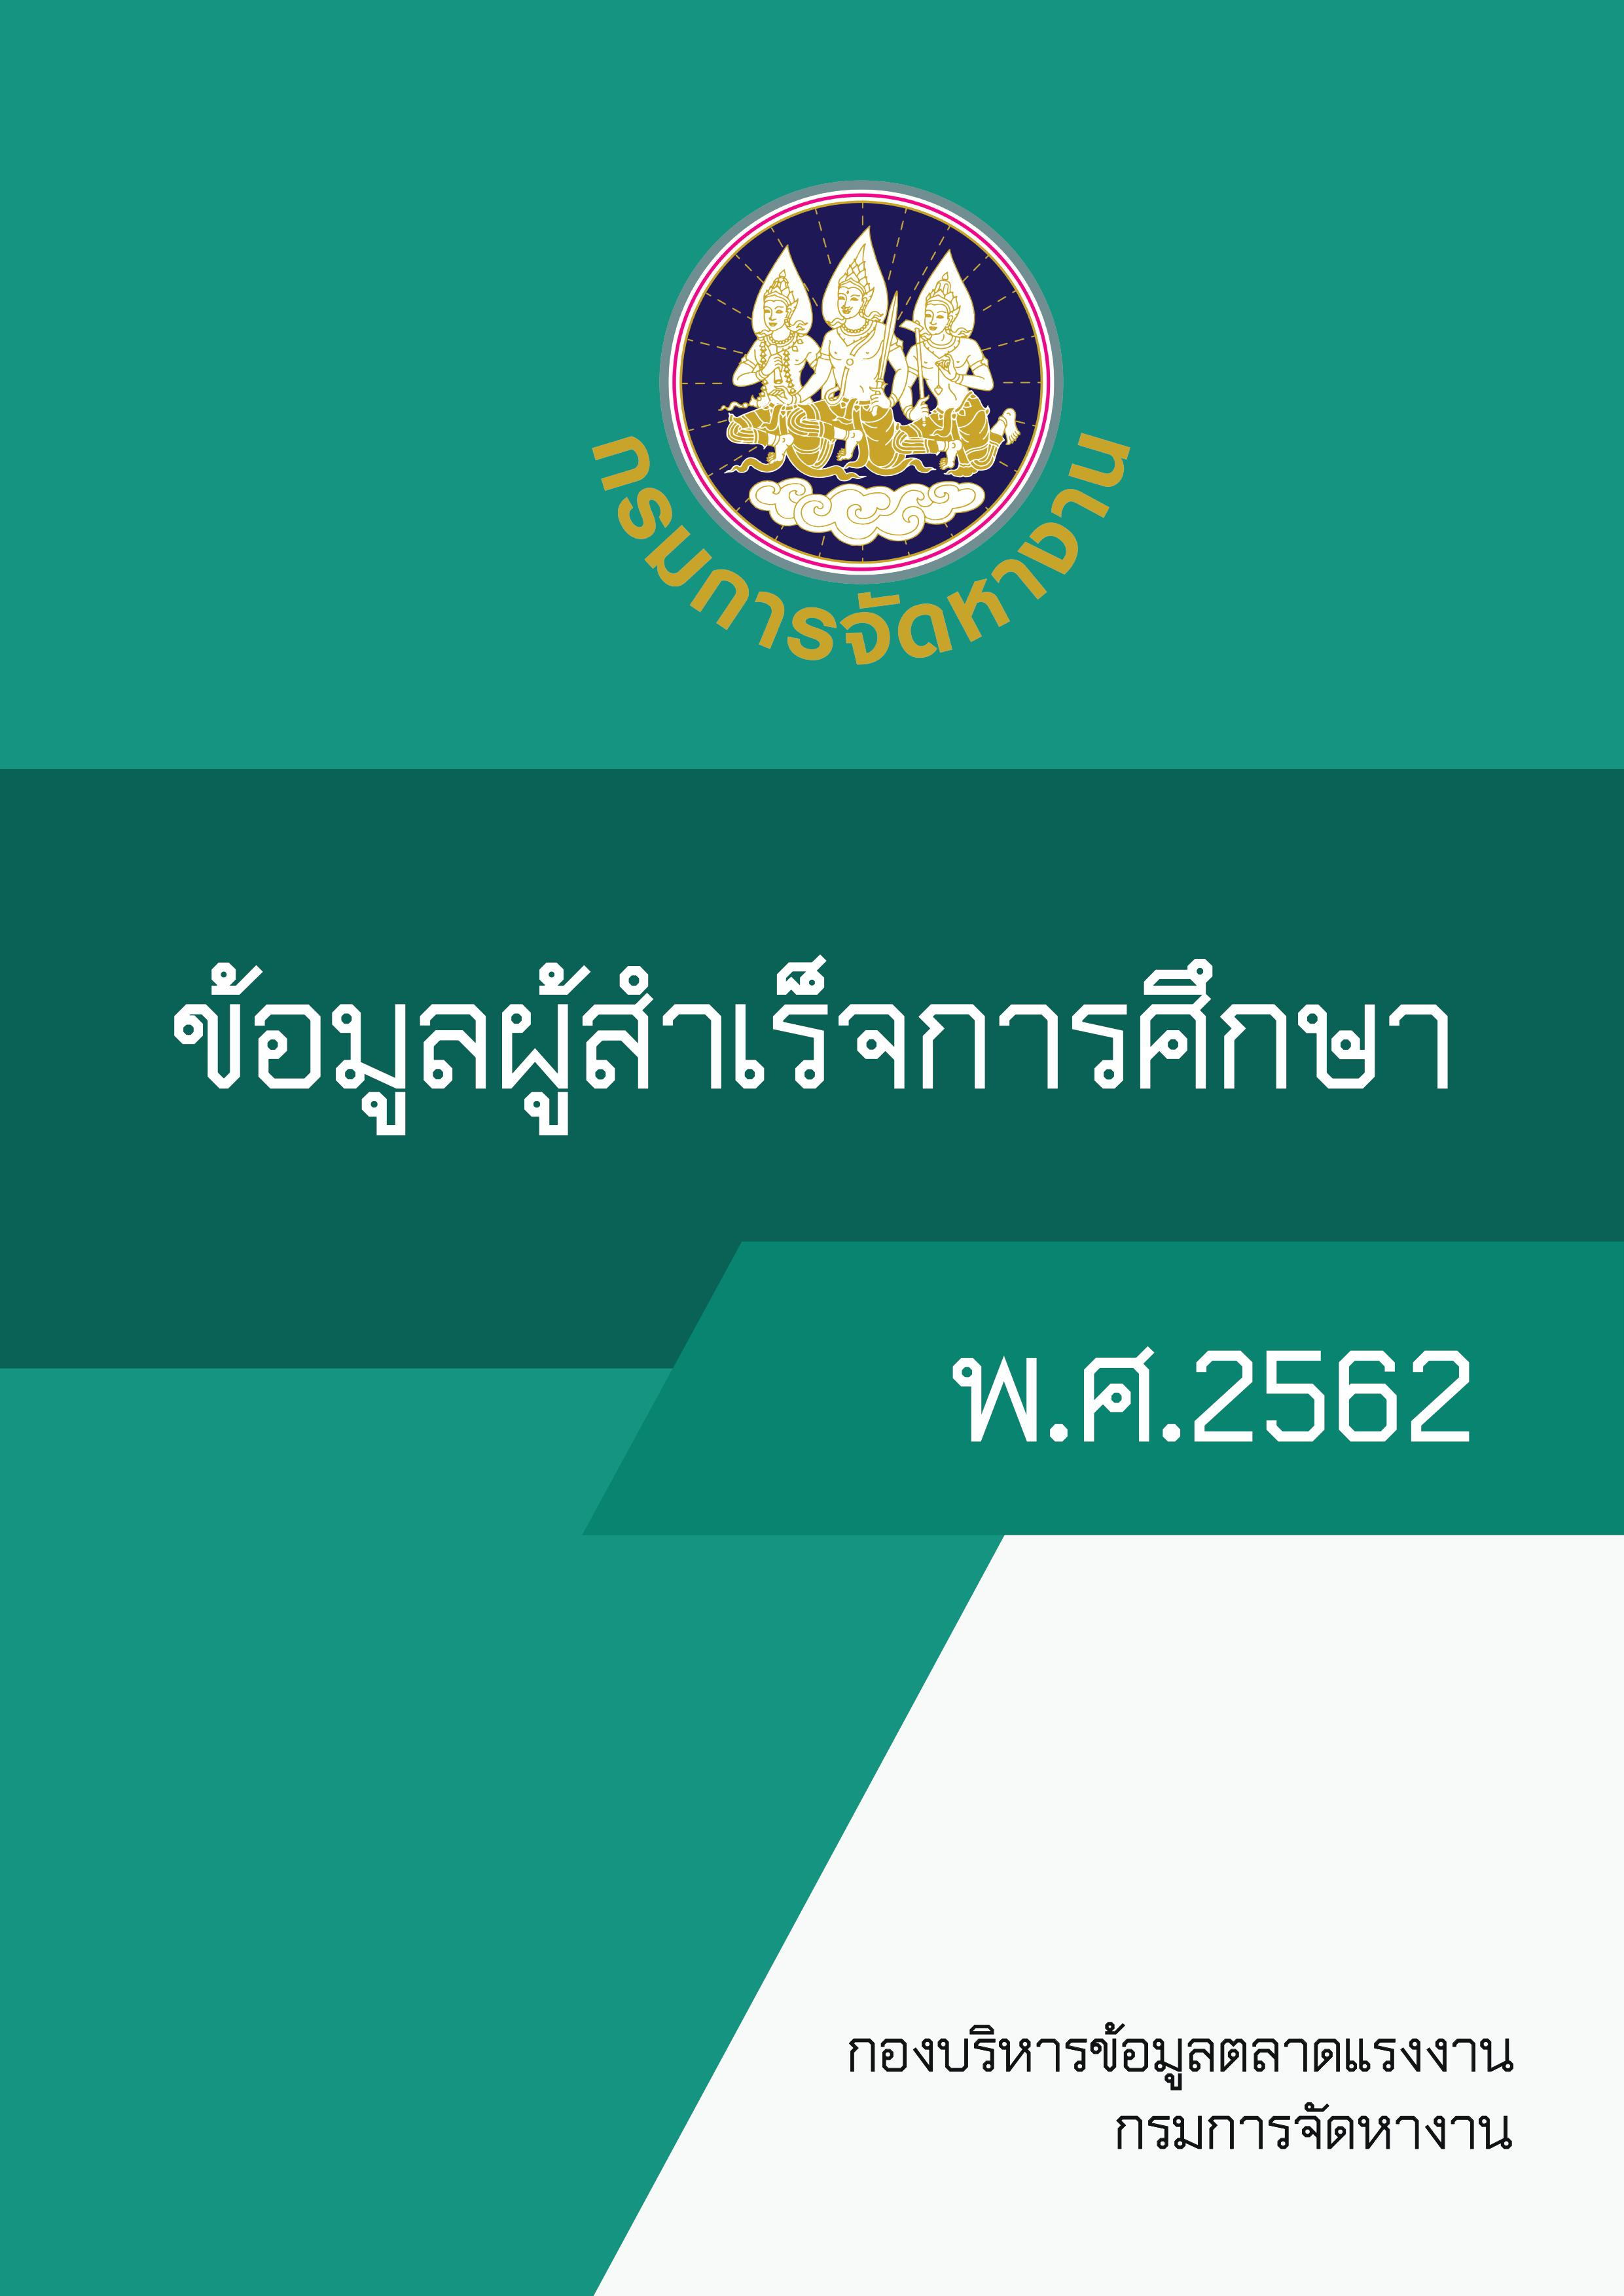 33.ข้อมูลผู้สำเร็จการศึกษา พ.ศ.2562